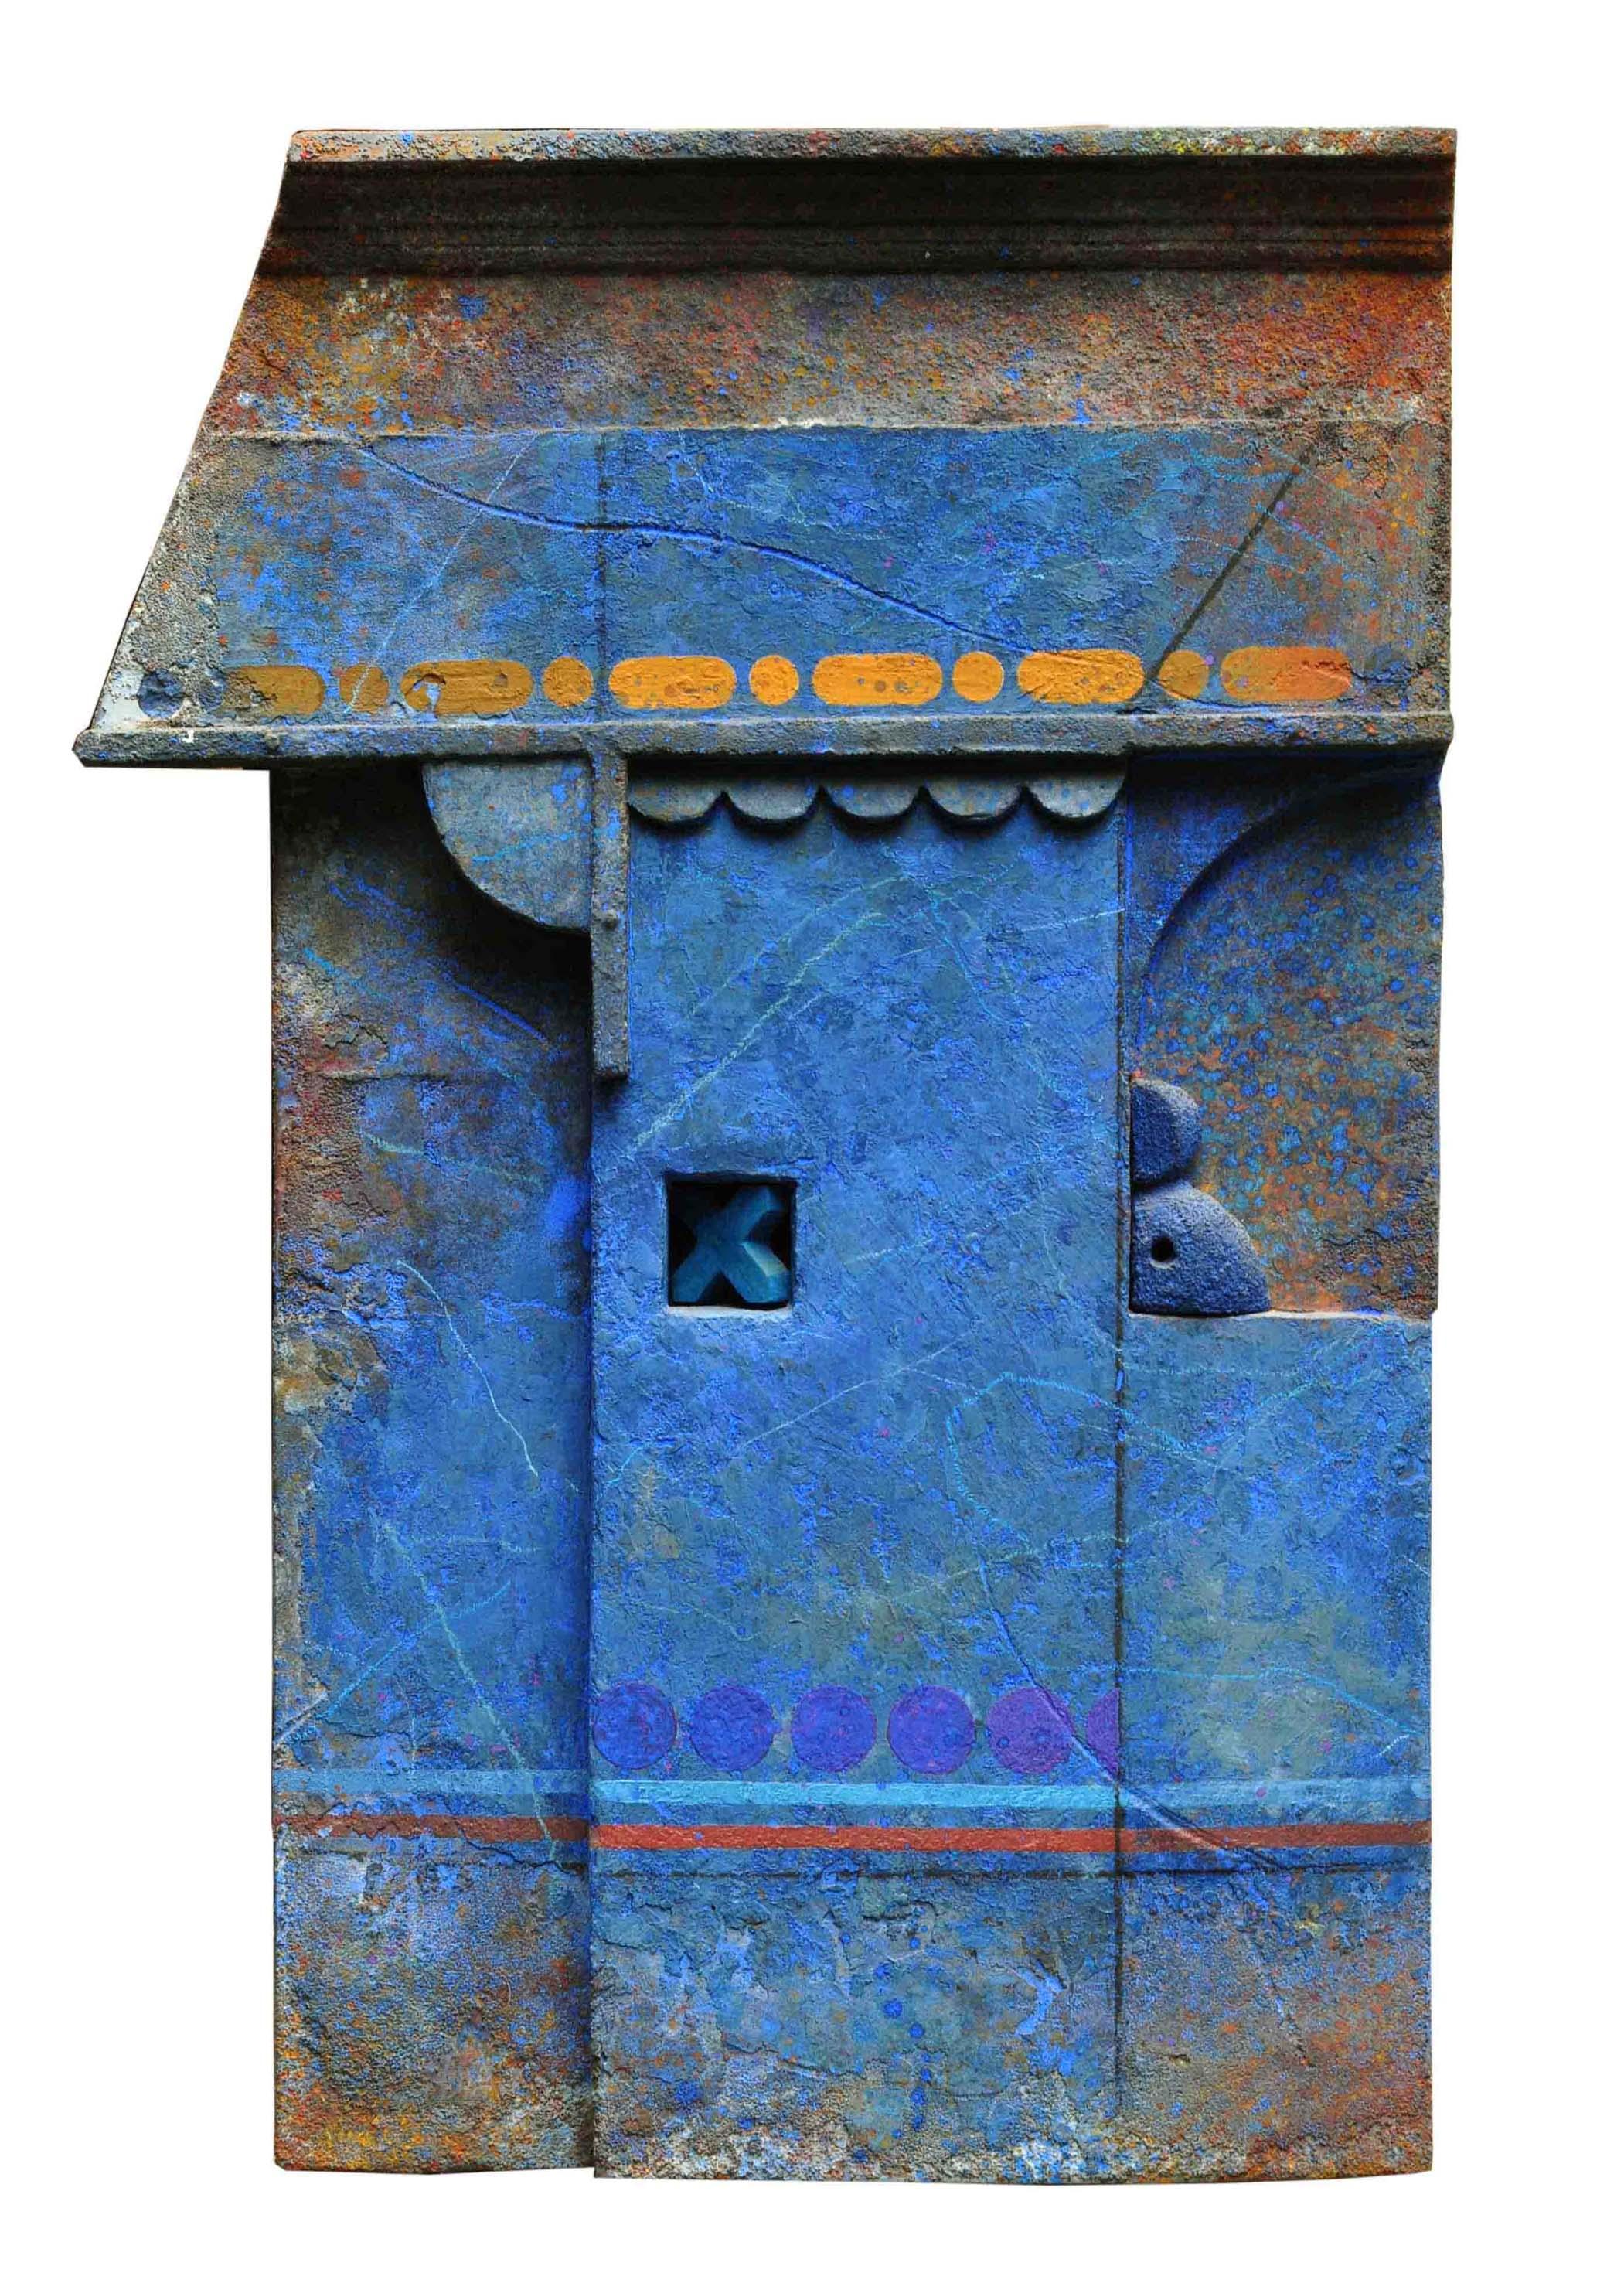 Zurbarán.  Marcelo Bonevardi,    Muro Azul.  1993